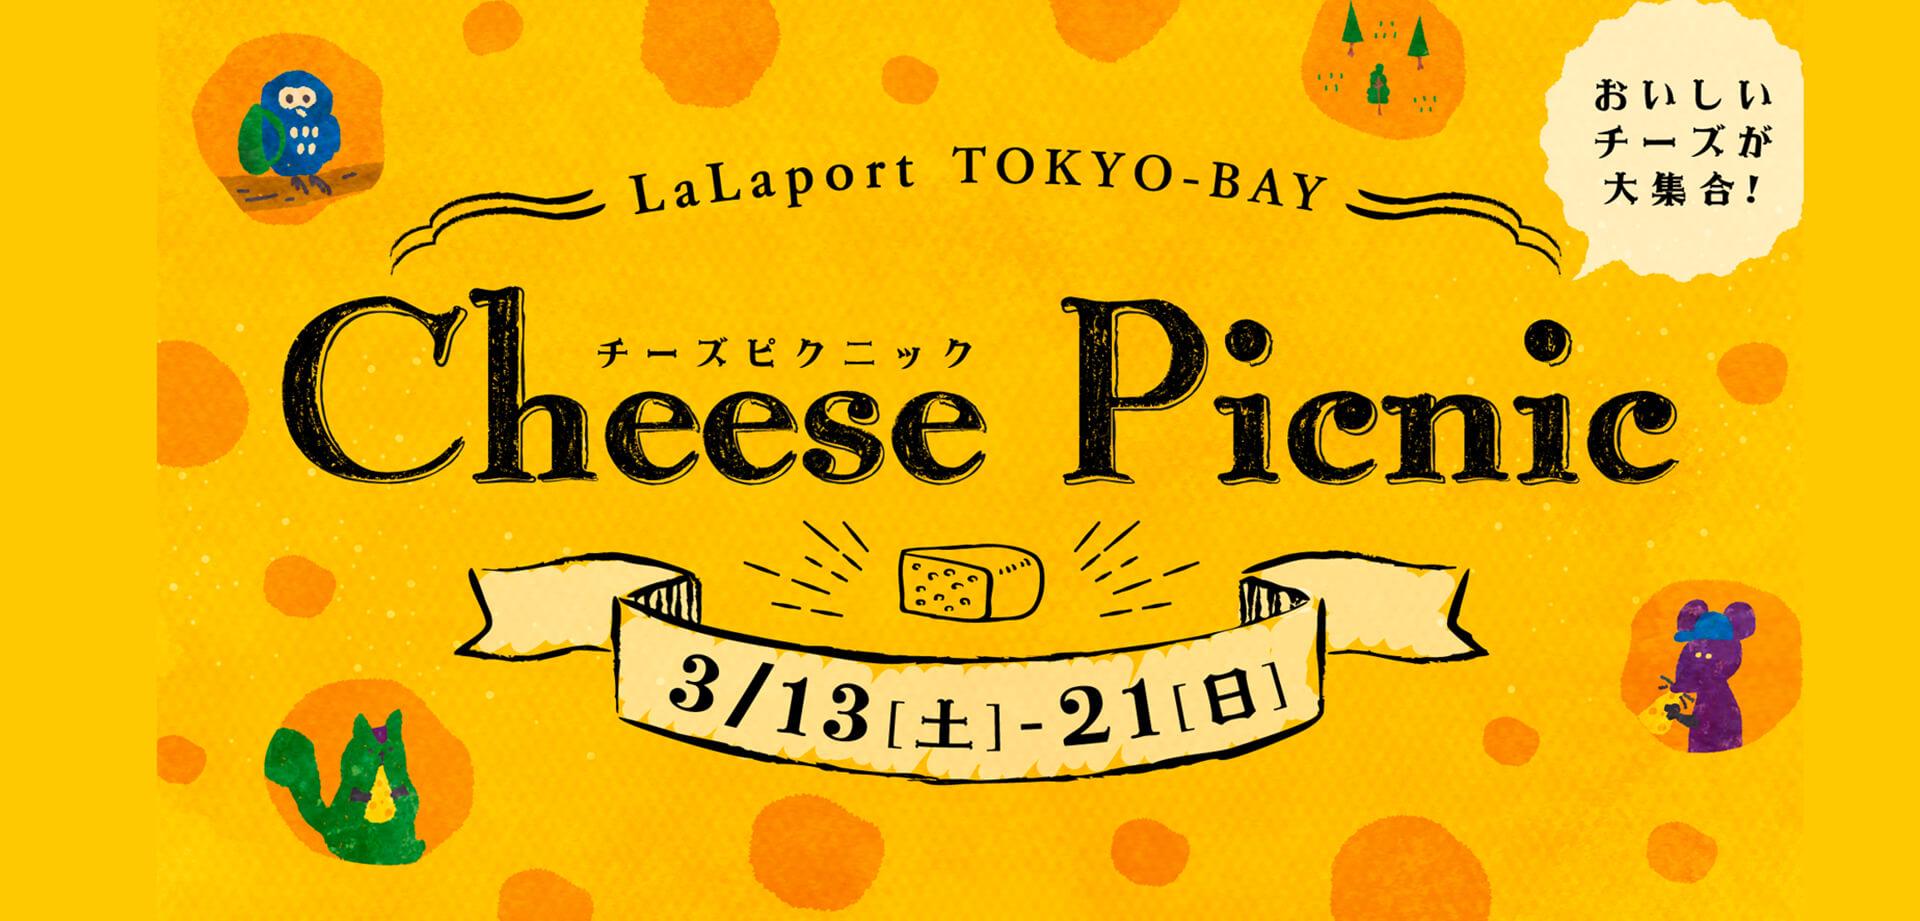 ららぽーとTOKYO-BAY「チーズピクニック」